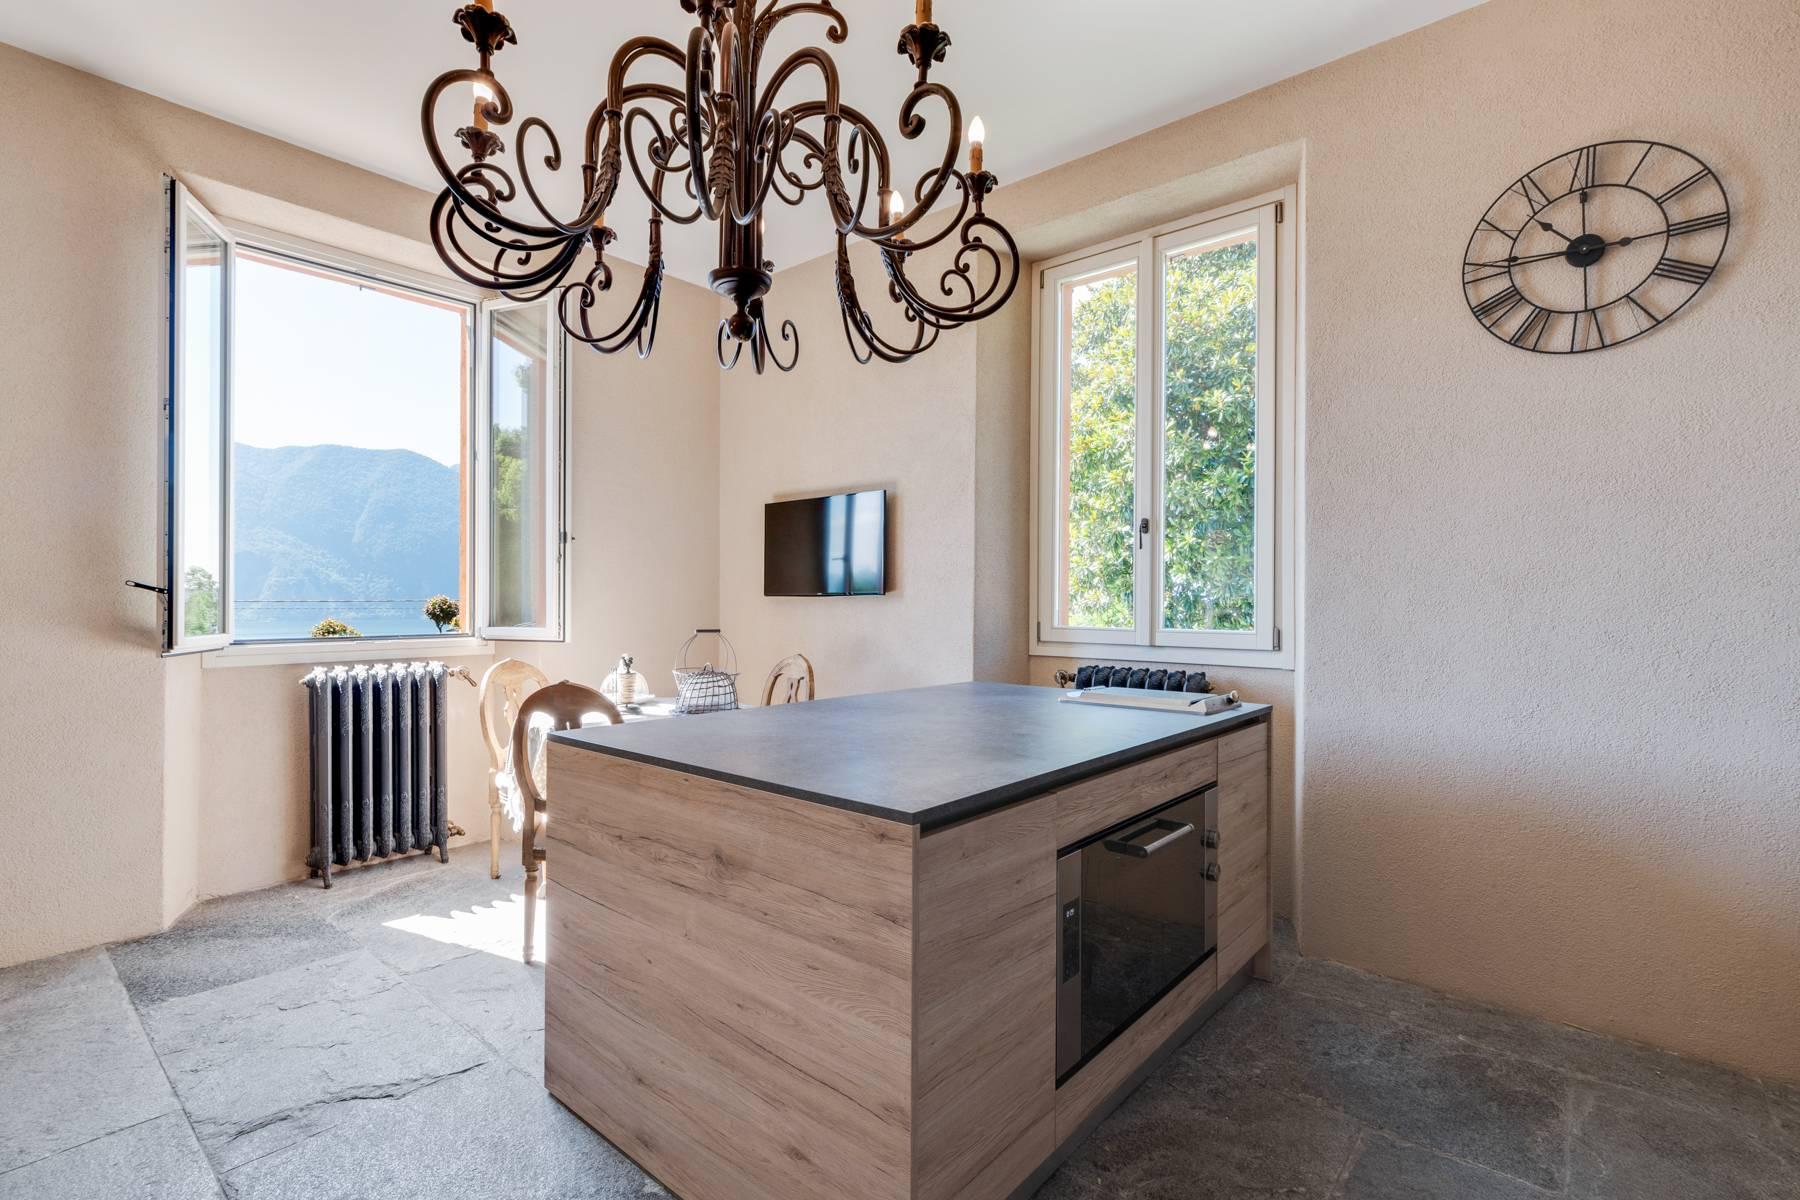 Villa in Vendita a Ghiffa: 5 locali, 300 mq - Foto 7